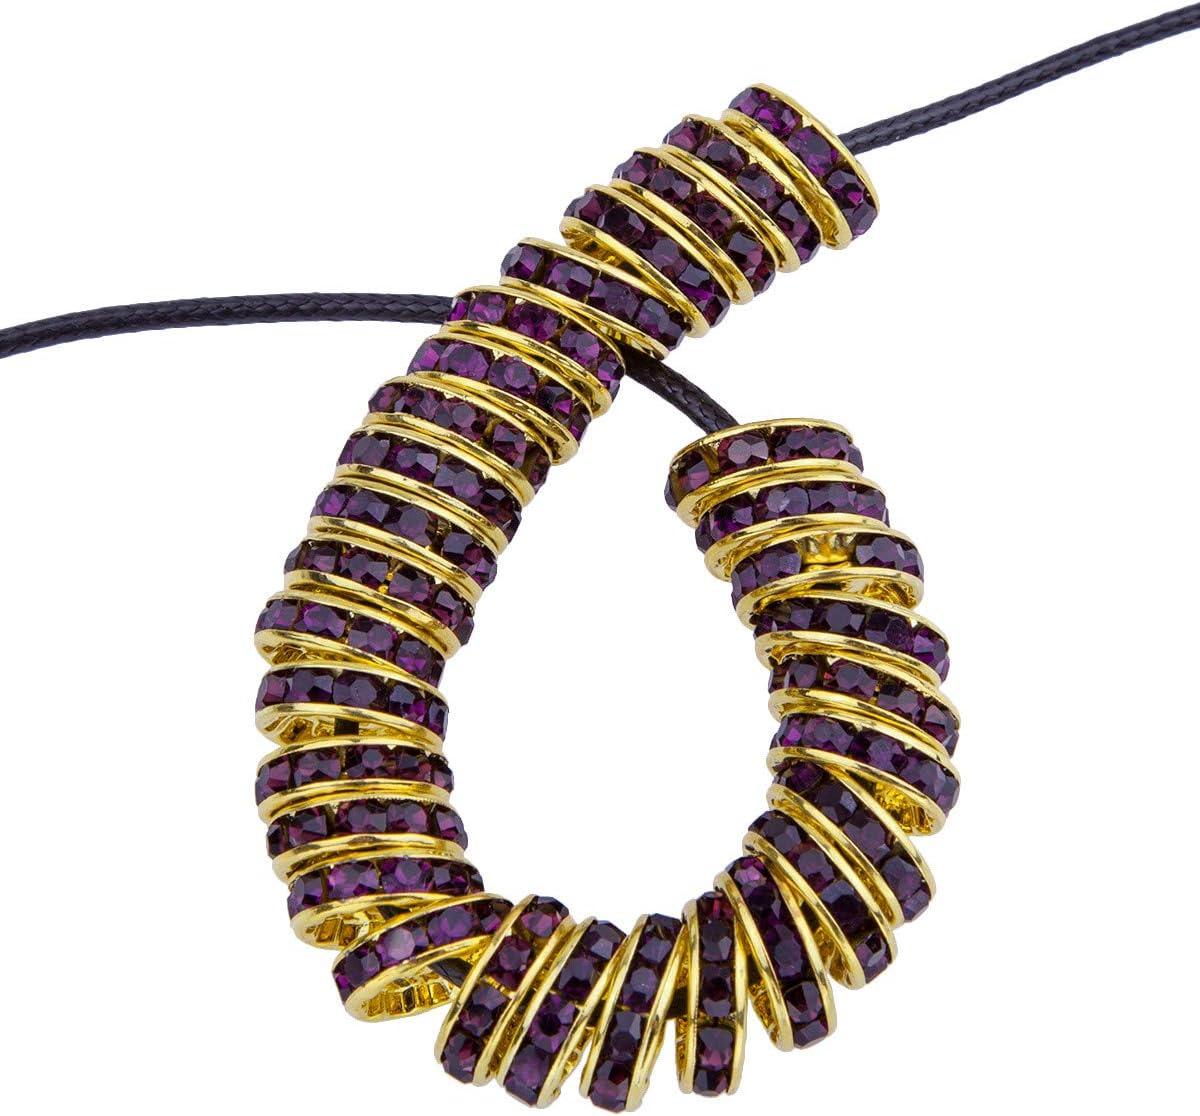 mookaitedecor - 50 Piezas de 12 mm de Oro con Brillantes Redondos para la fabricación de Joyas de Perlas de Cristal checas para Pulseras, Cristal, Morado, 12x12x4 mm